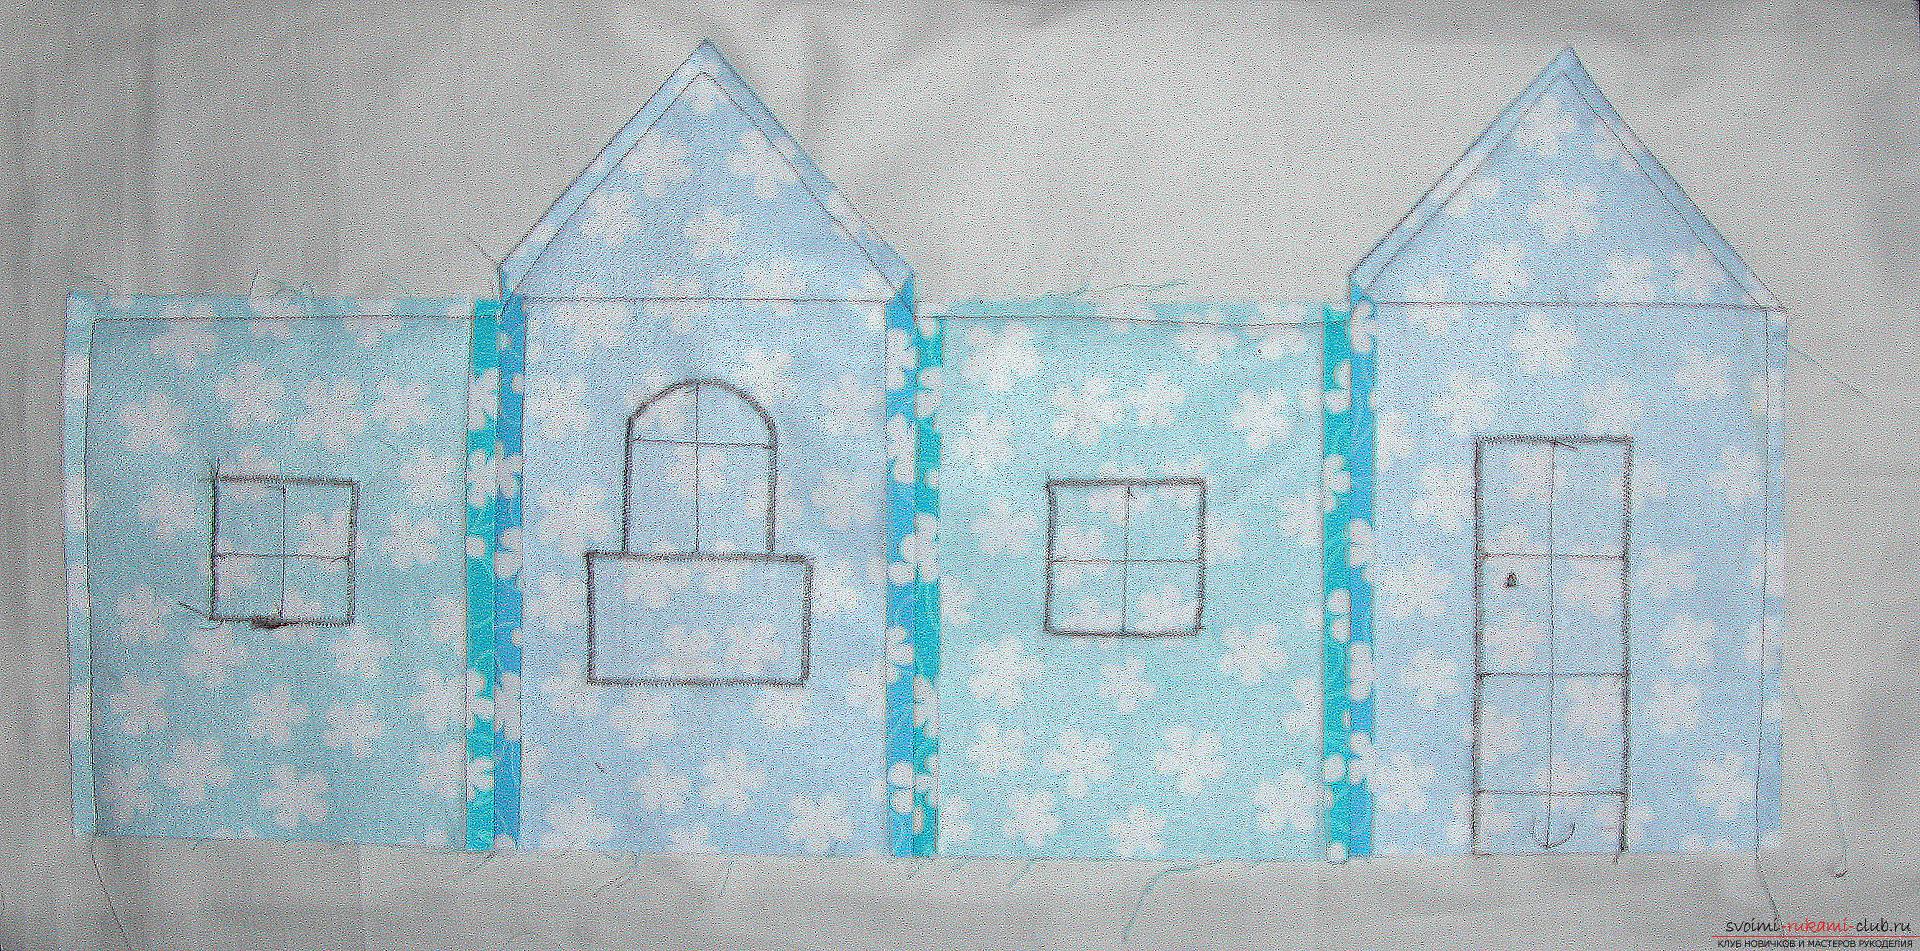 Мастер-класс - делаем текстильный функциональный домик своими руками. Фото №9